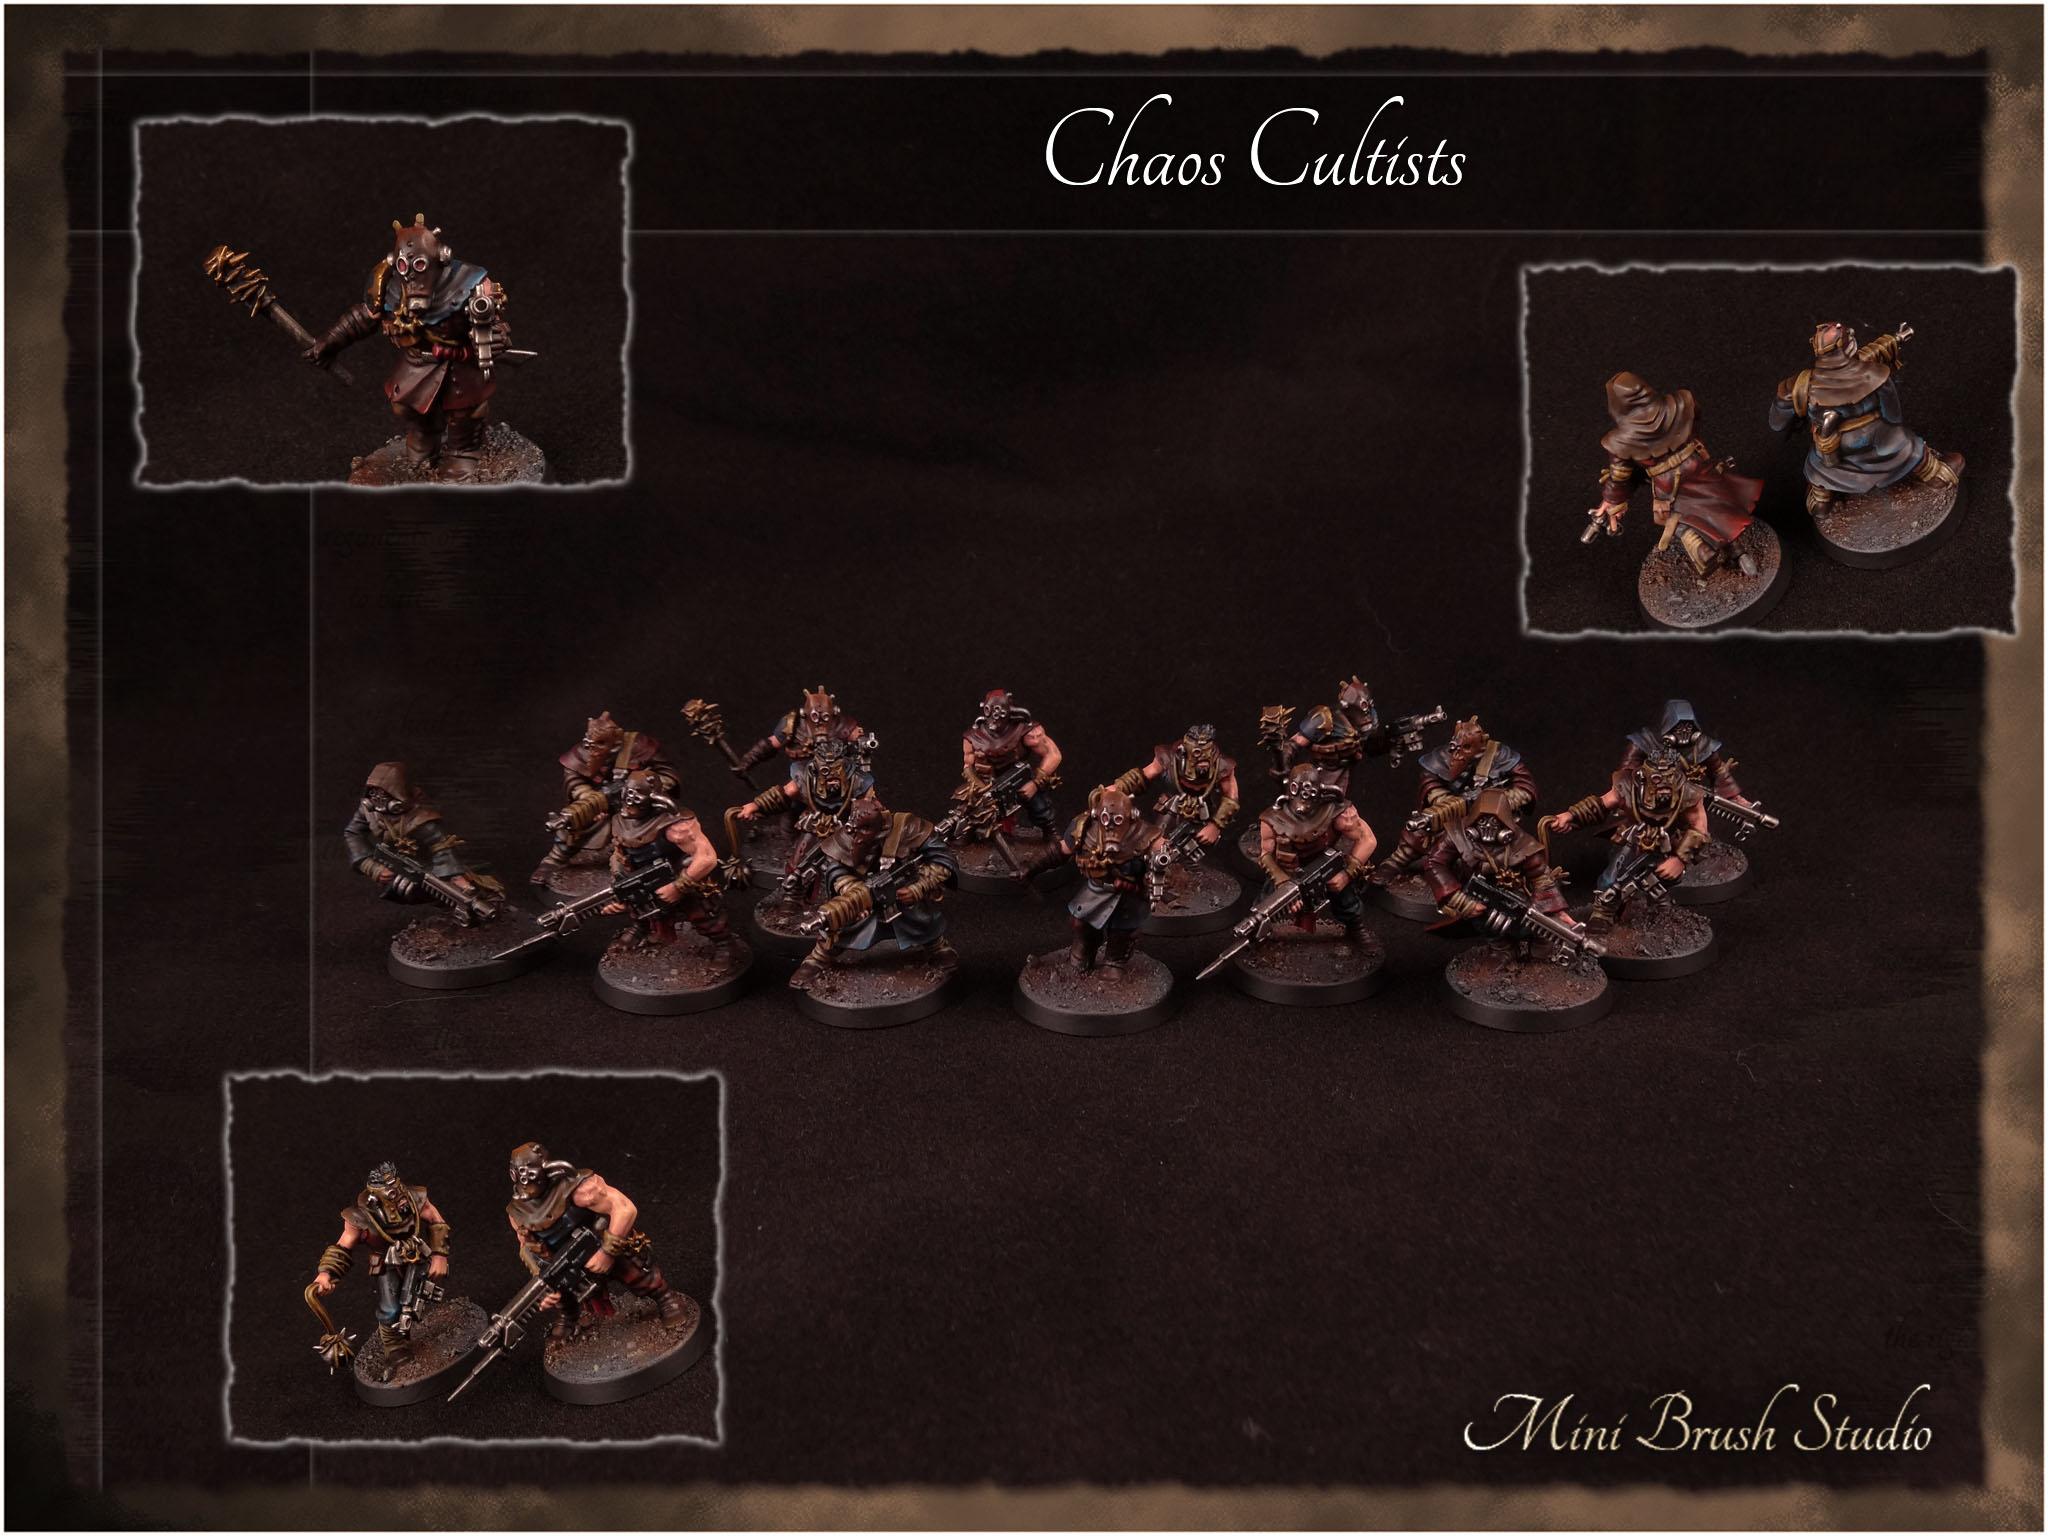 Chaos Cultists 1 v7.jpg